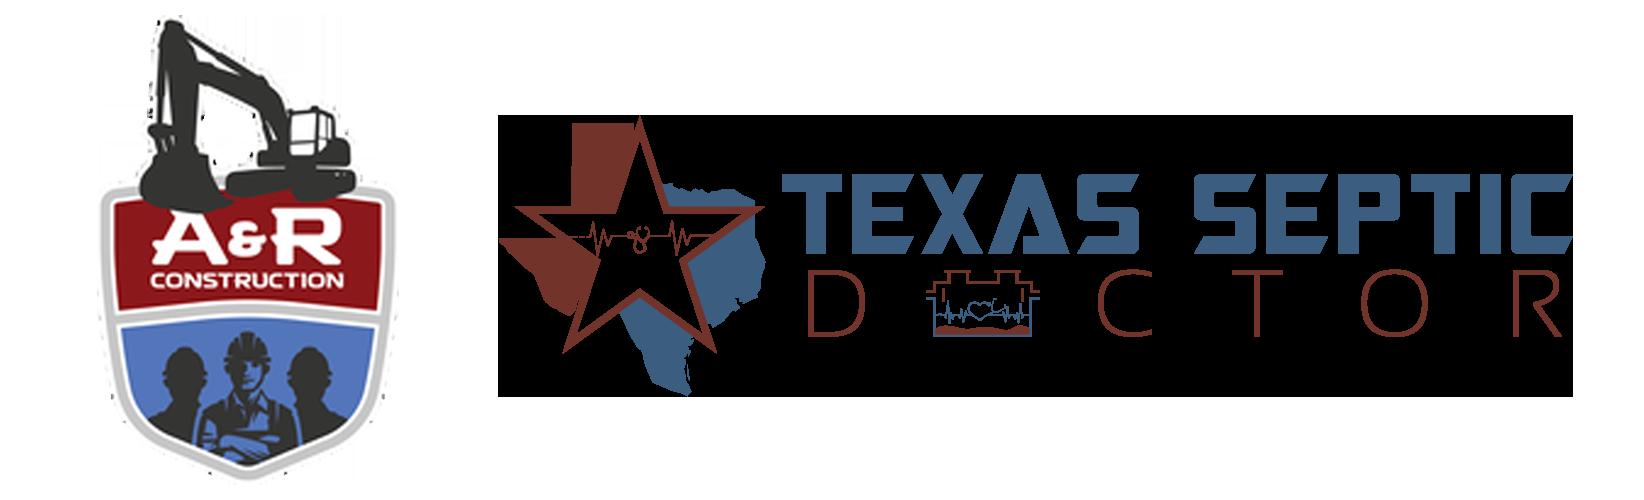 A&R Construction - Texas Septic Doctor Logo